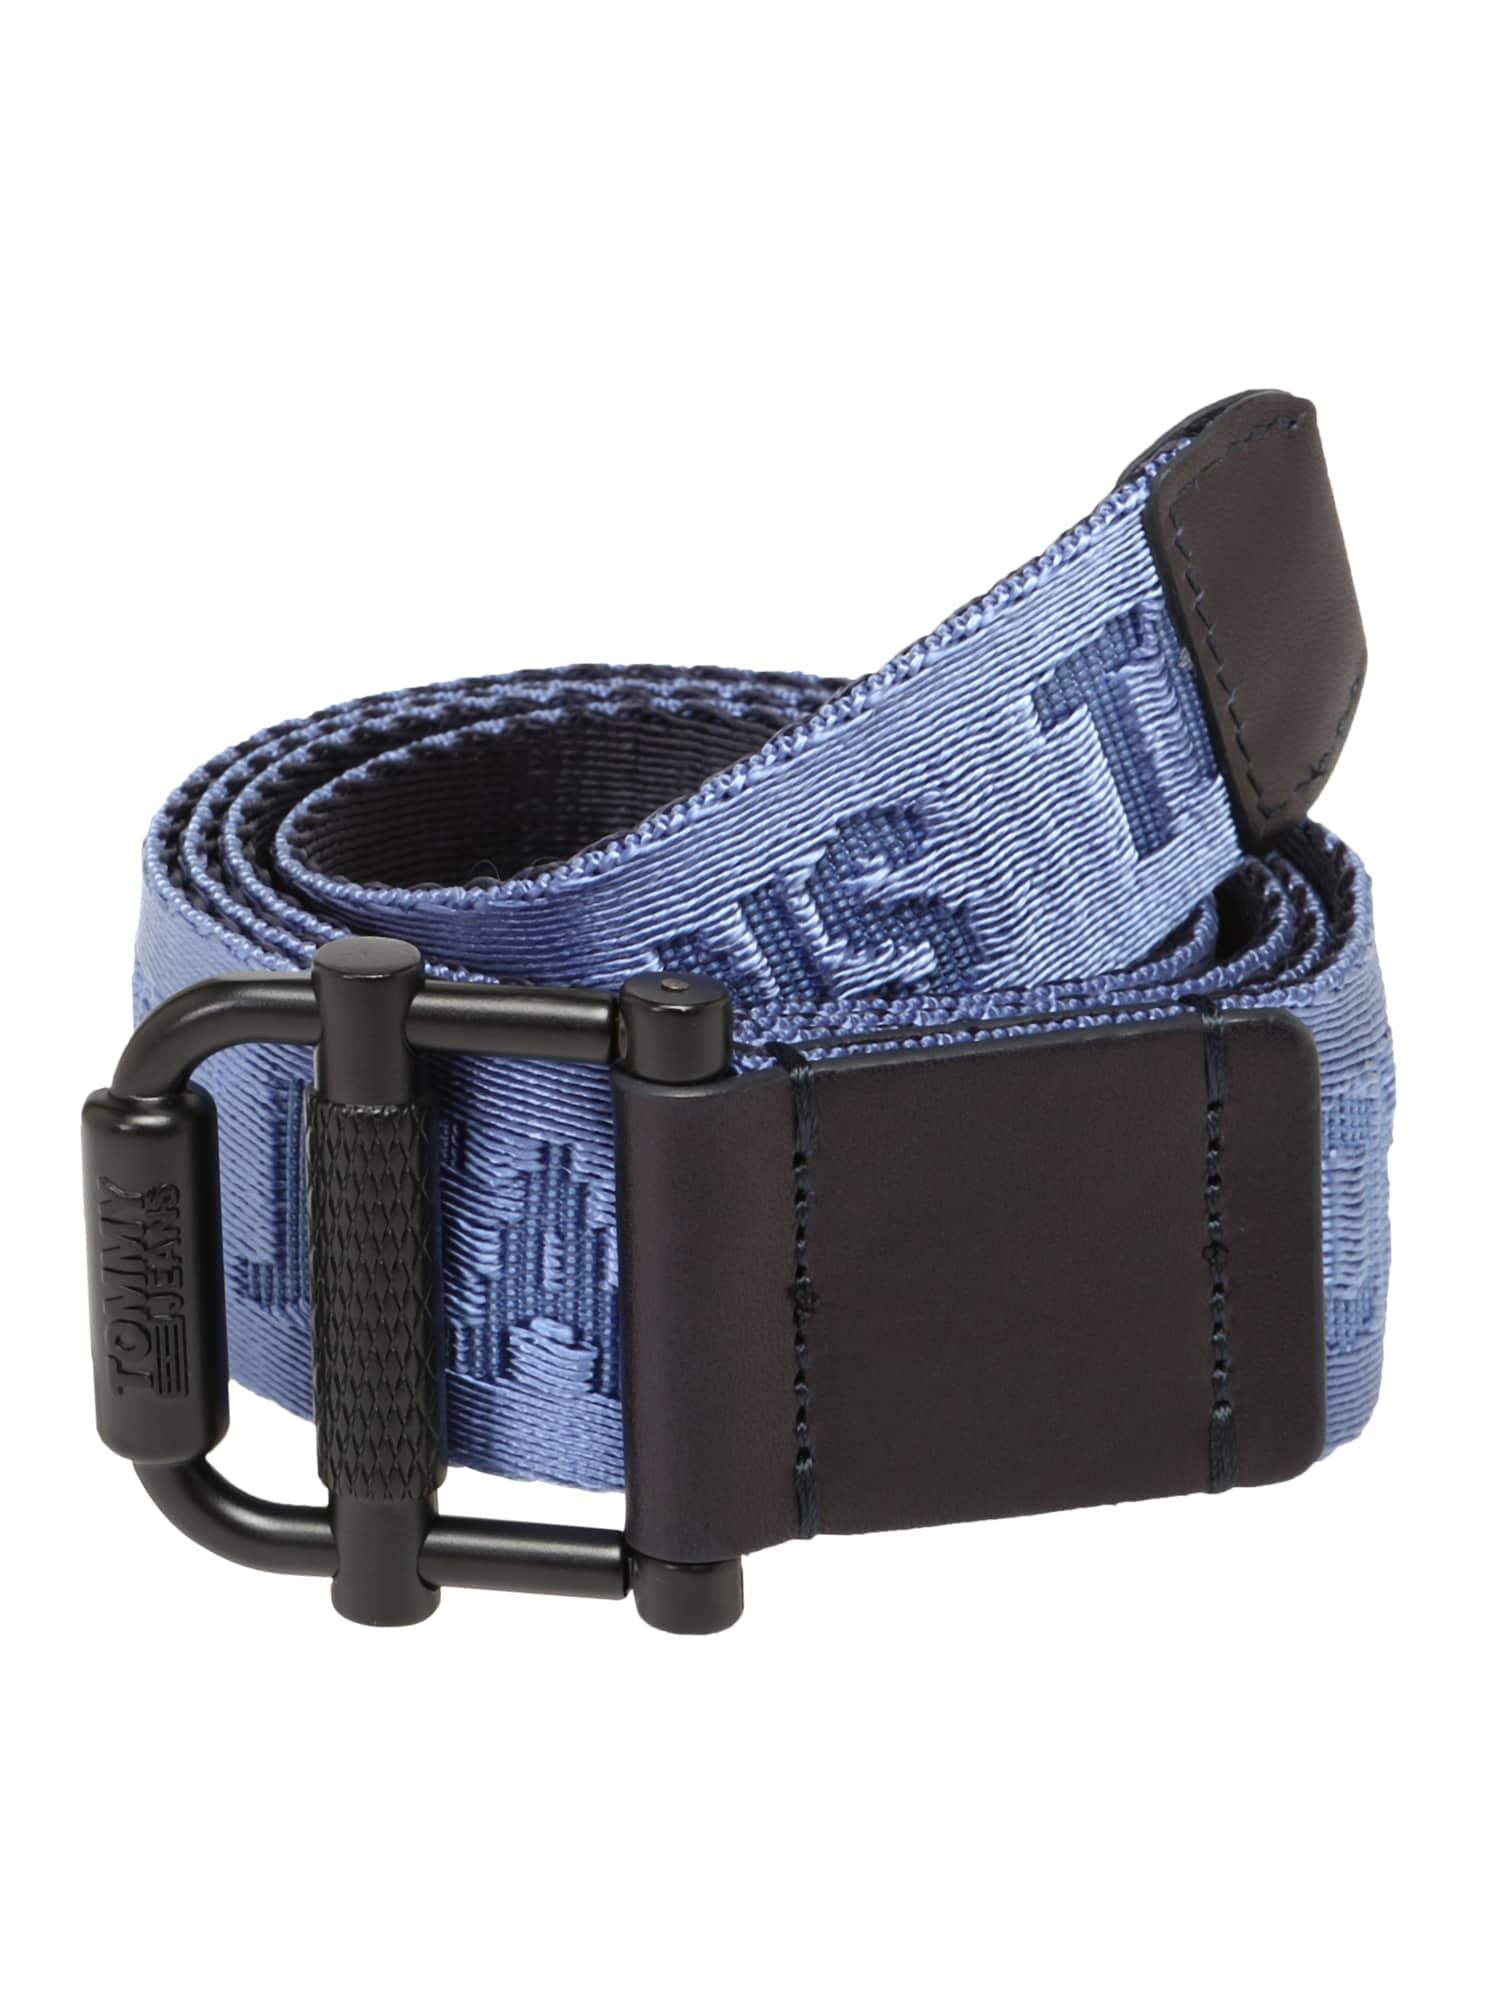 Opasek TJM ROLLER REV WEBBING BELT 3.5 modrá tmavě modrá Tommy Jeans